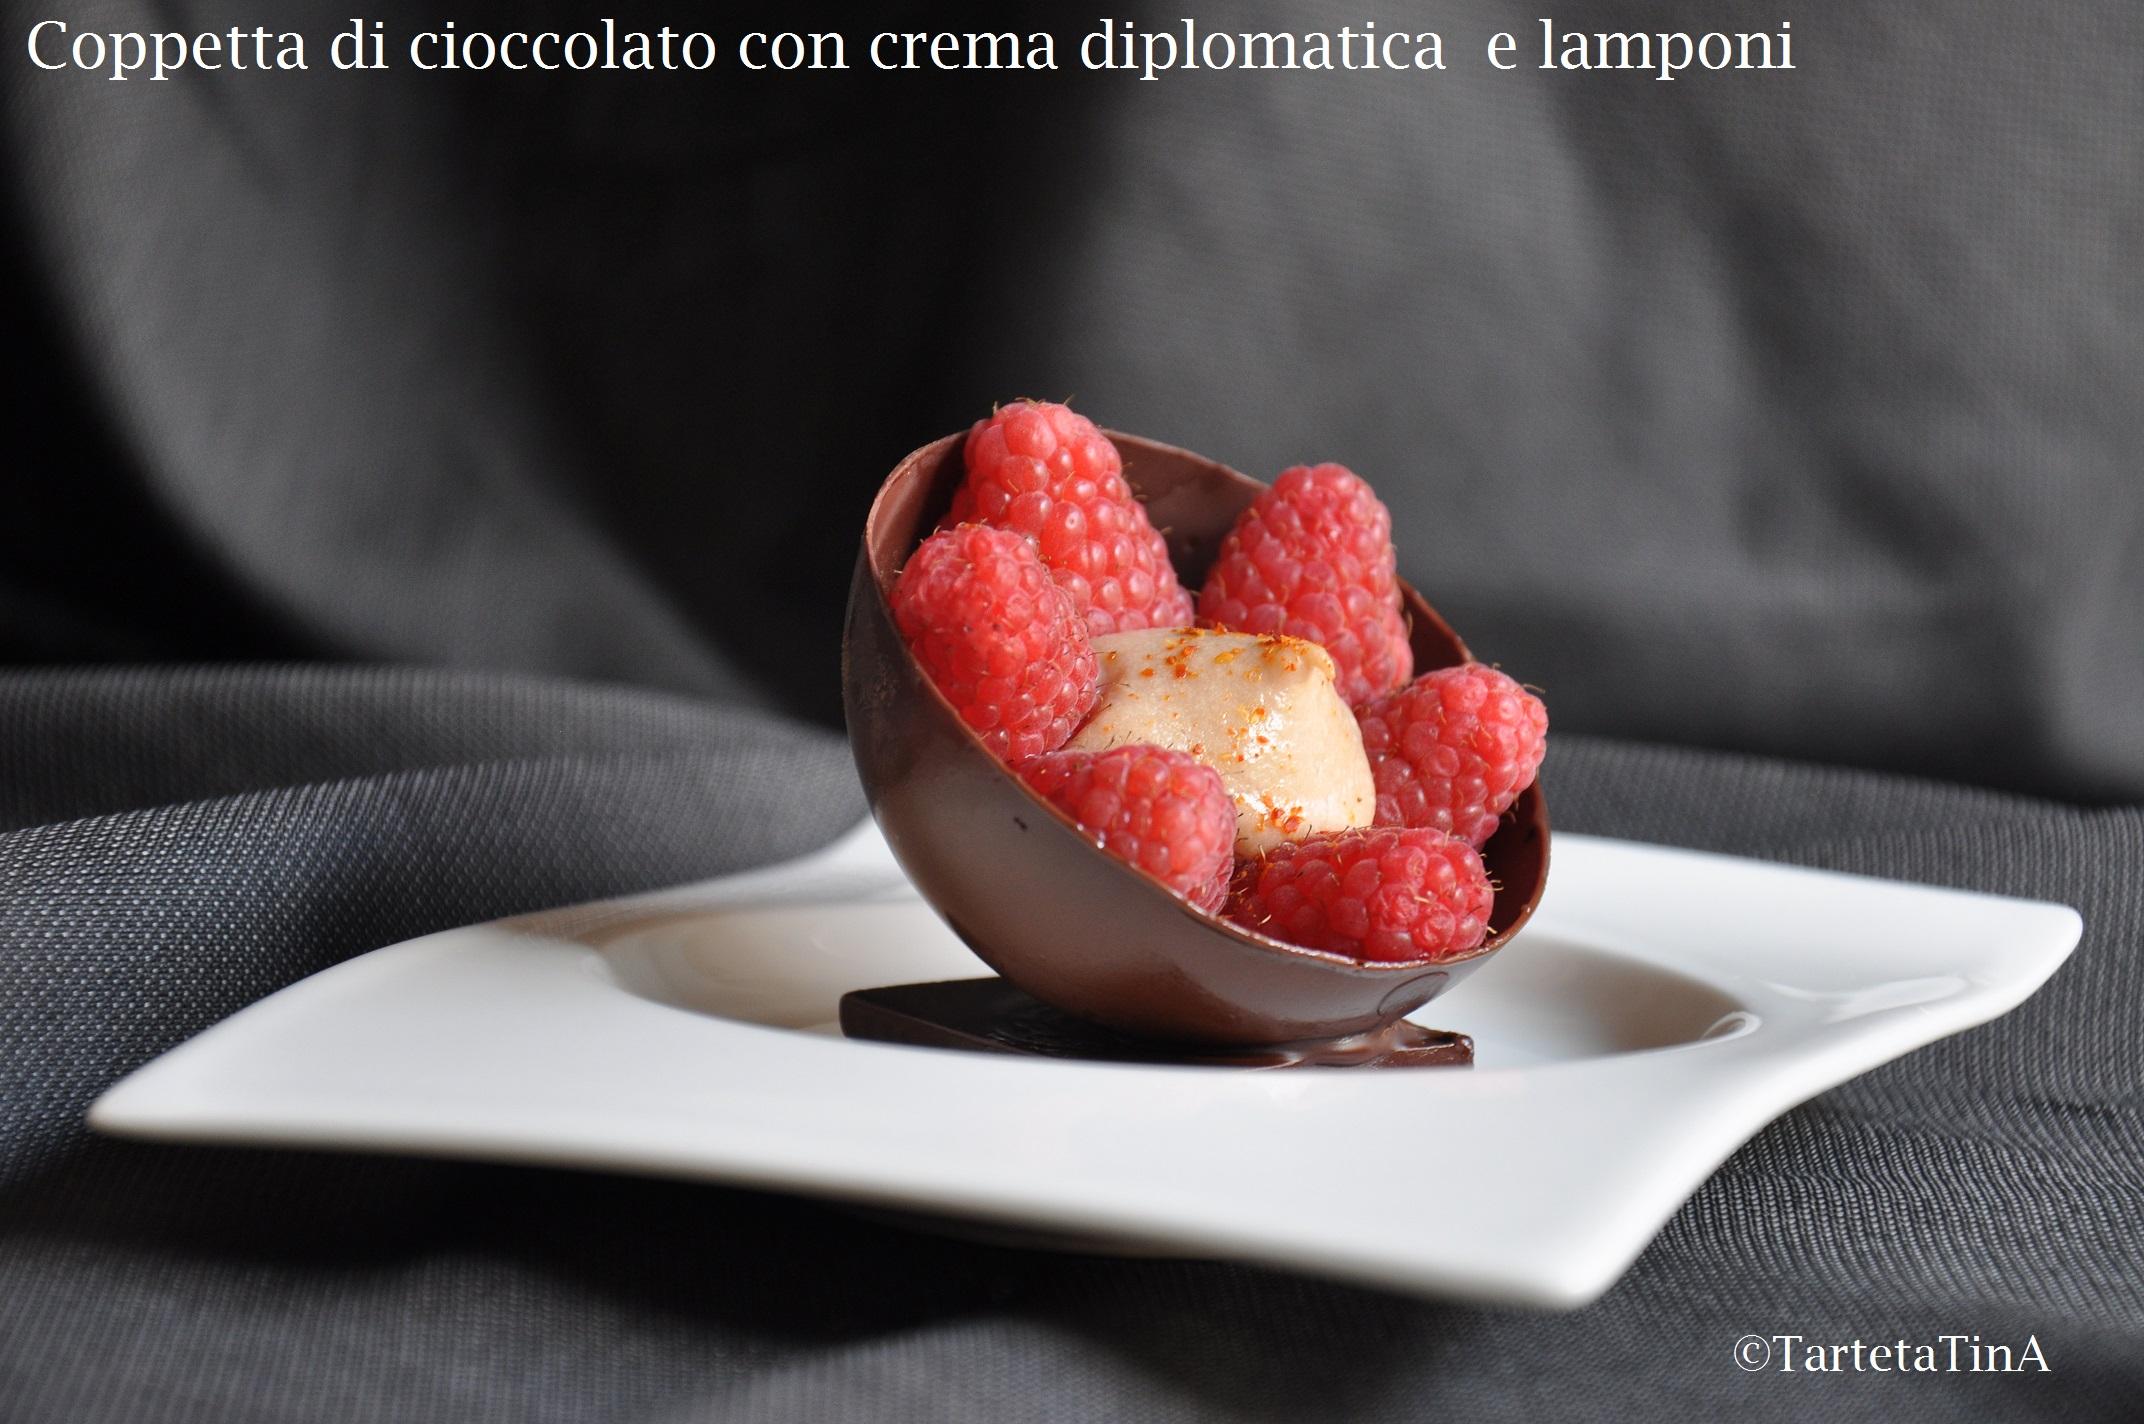 Coppetta di cioccolato con crema diplomatica e lamponi